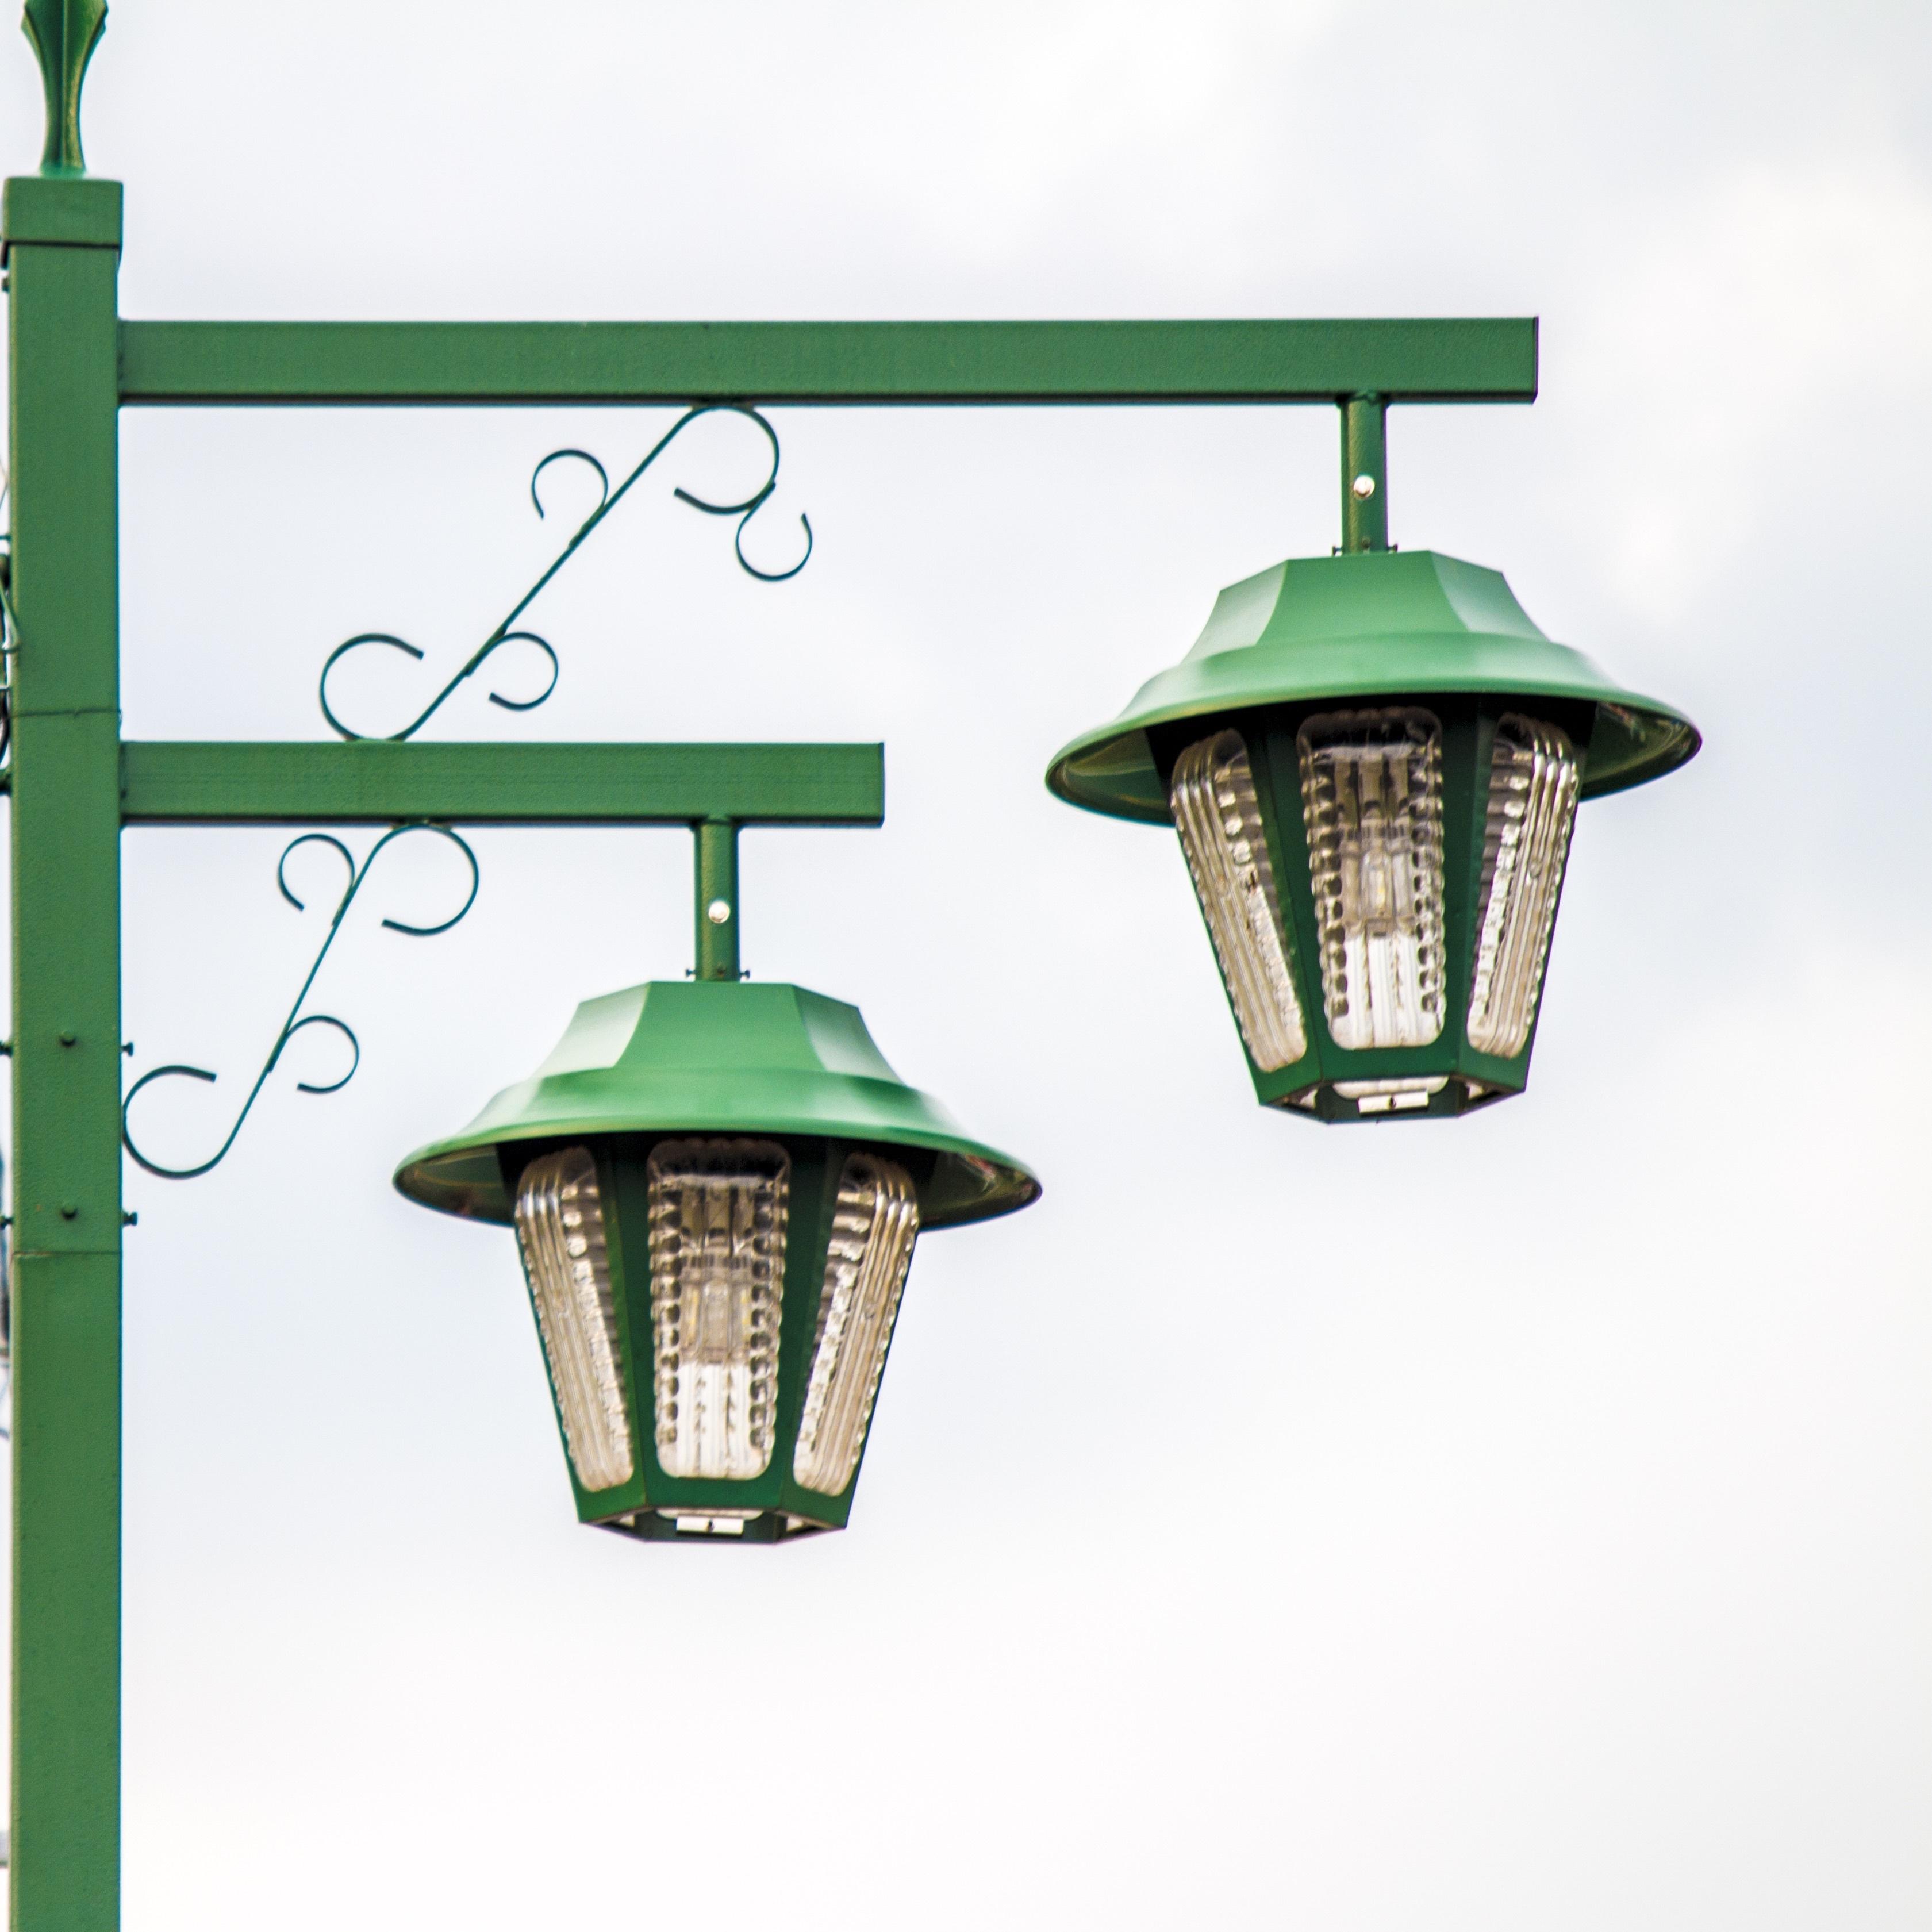 Wonderful Bildet : grønn, lykt, lampe, belysning, bur, gatelykt, produkt SP-47